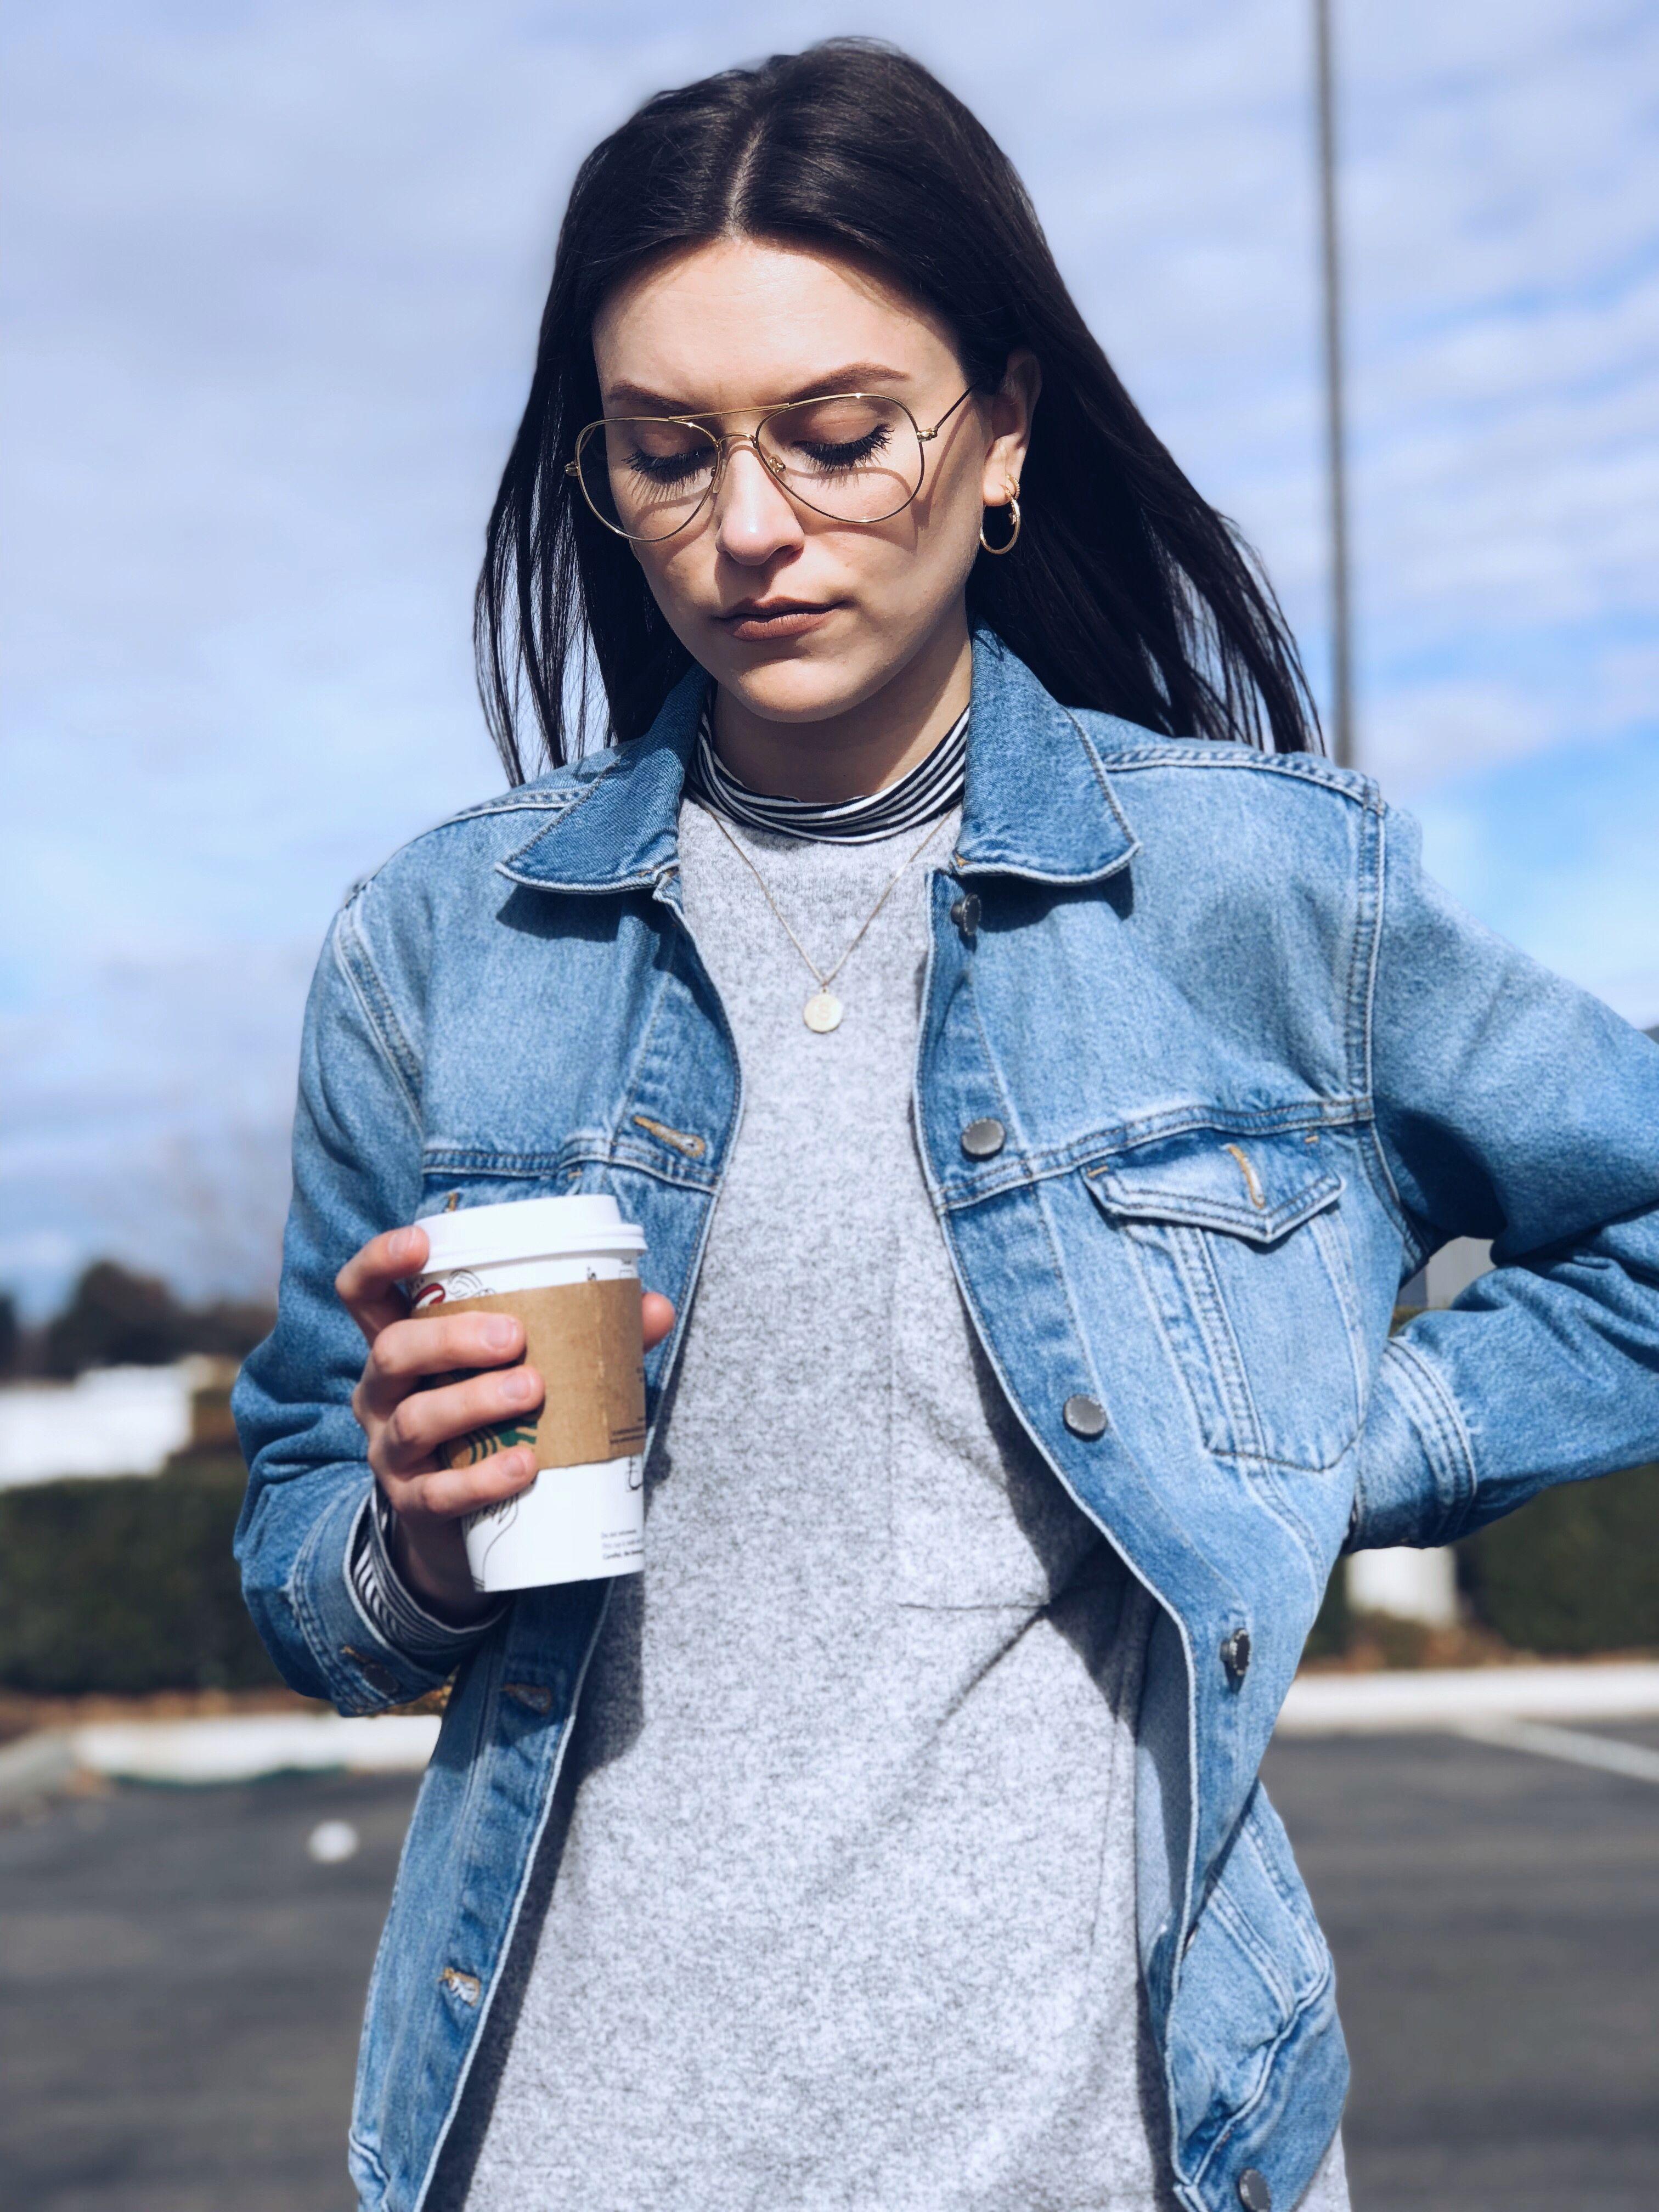 Jean Jacket On A Mid Day Coffee Break Lynnlyss Looks Jackets